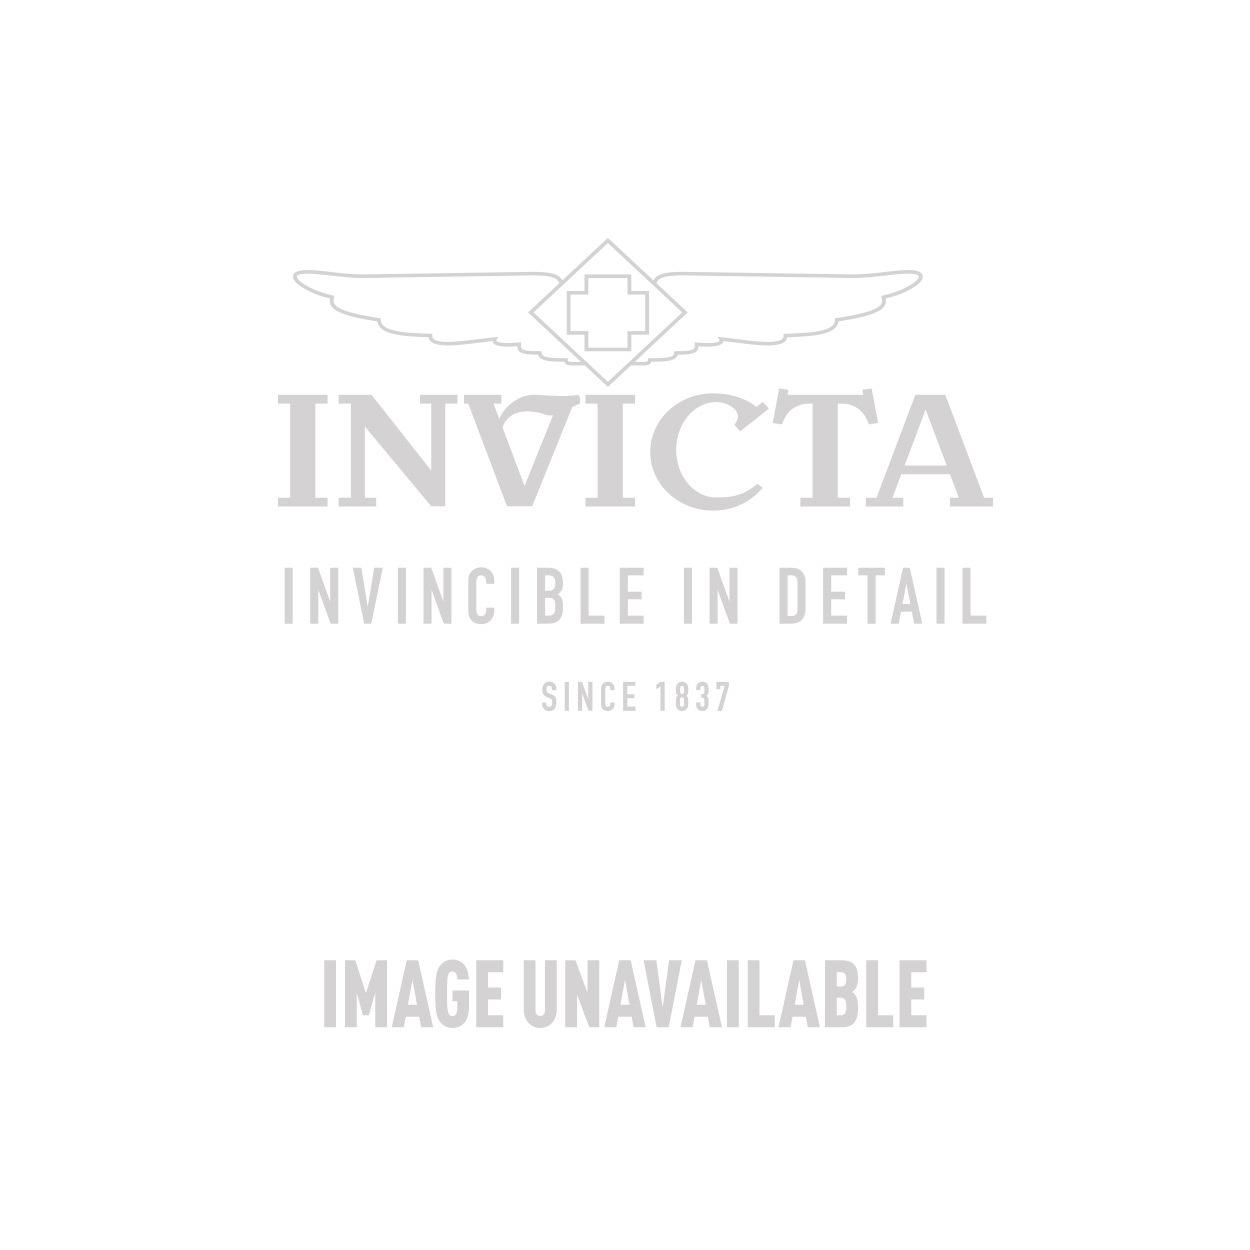 Invicta Model 23961